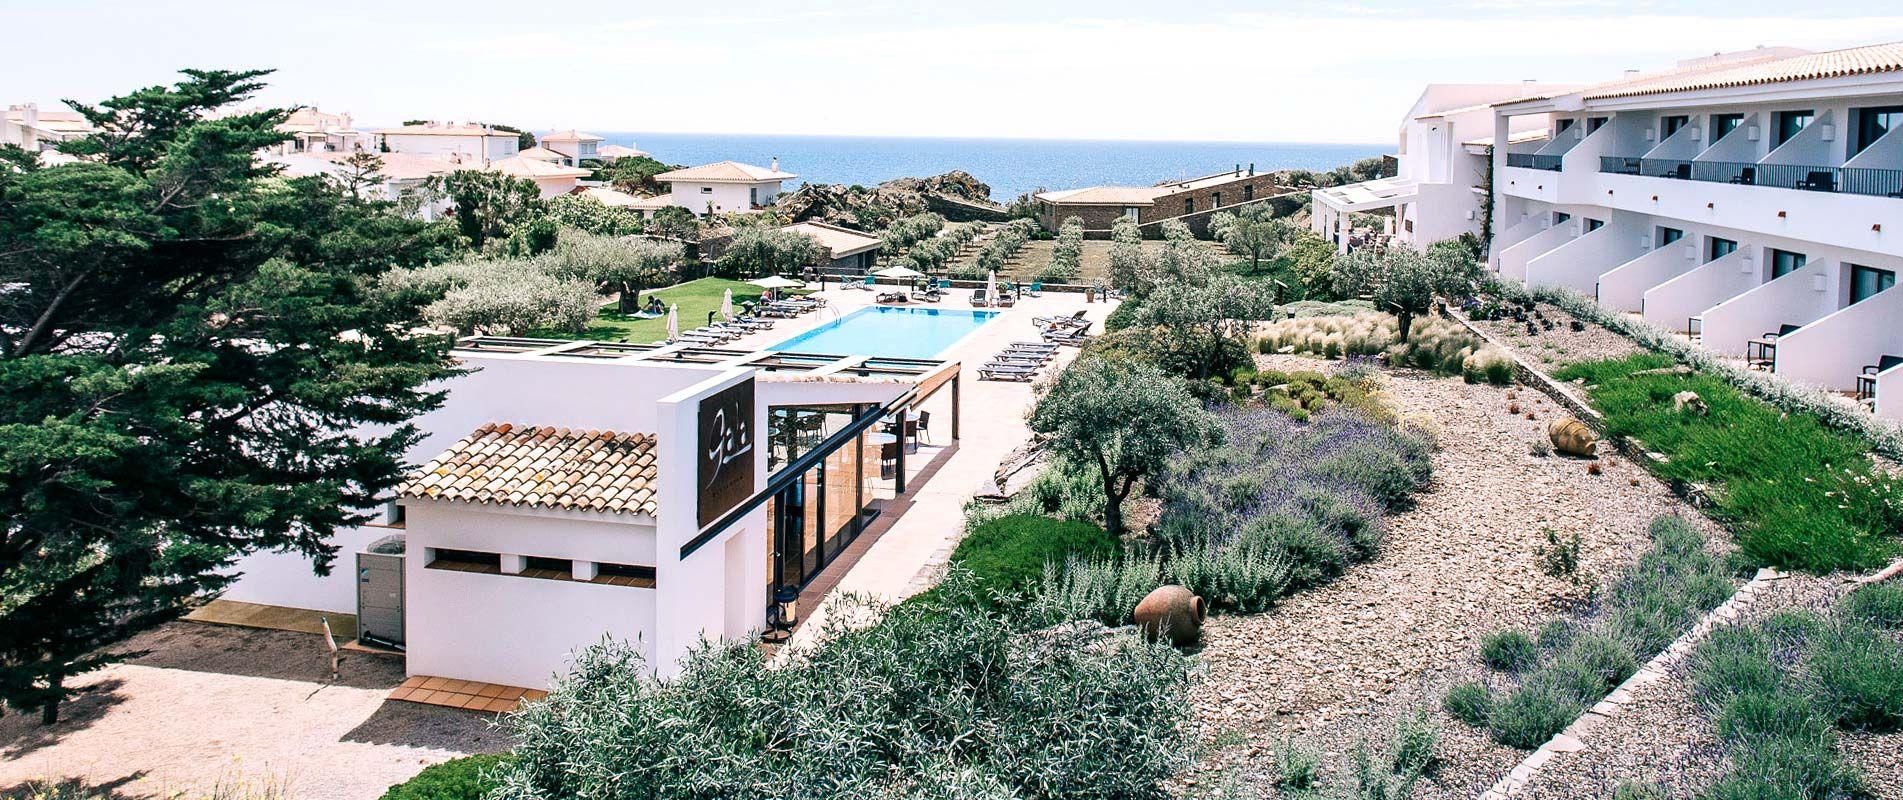 Bienvenidos al Hotel Sol Ixent: